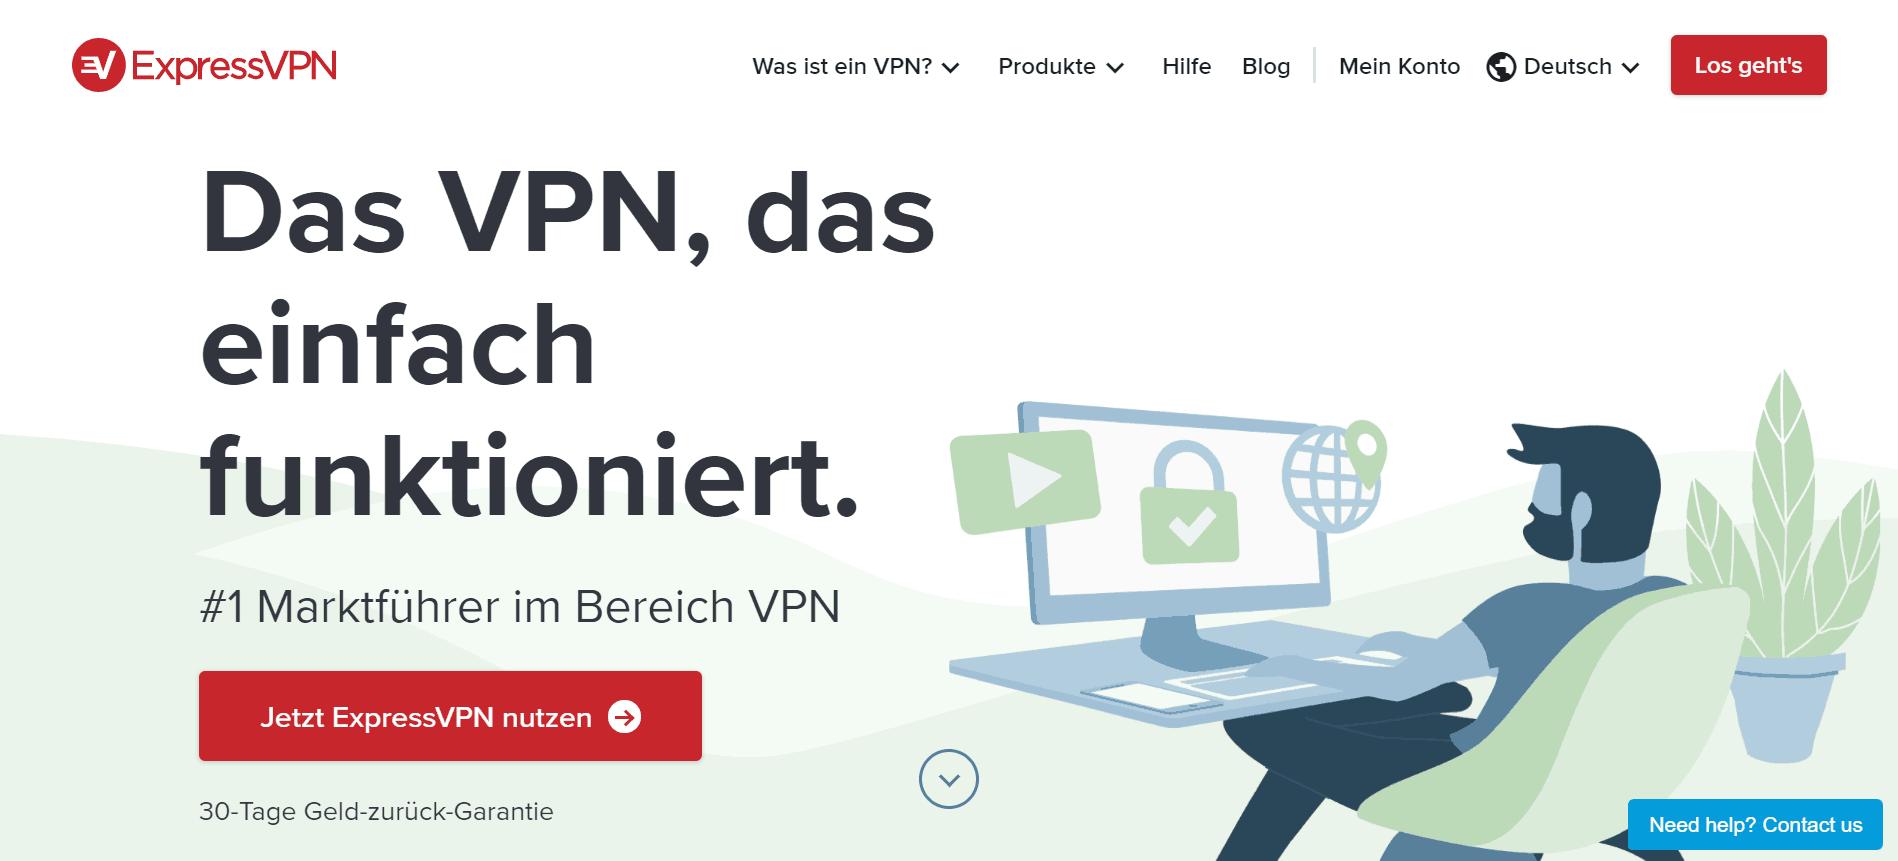 Oesterreich VPN ExpressVPN Startseite